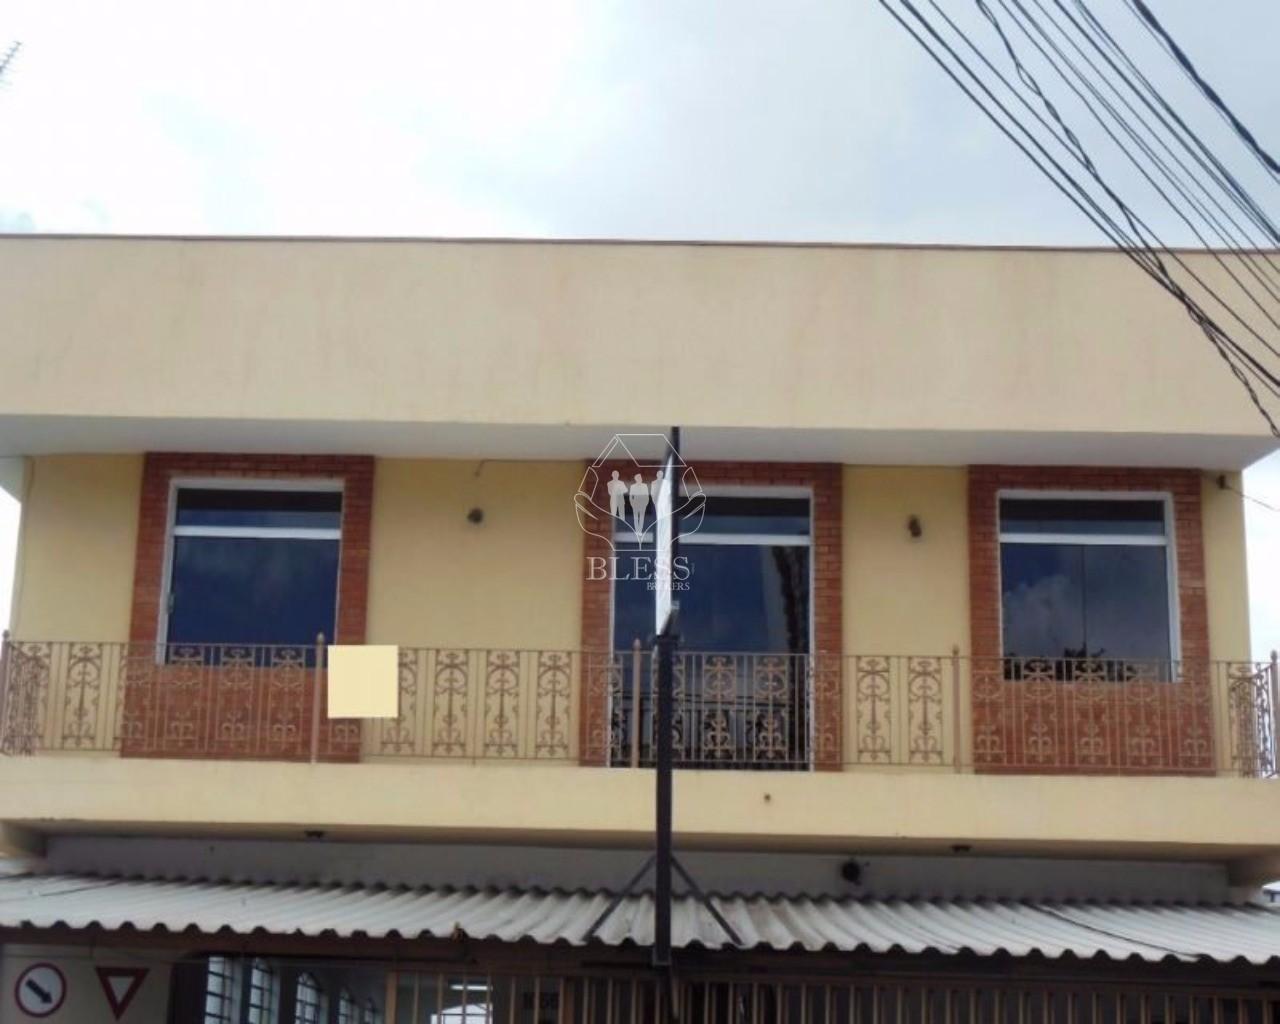 Casa comercial para alugar no bairro Jardim Petropolis em Jundia SP